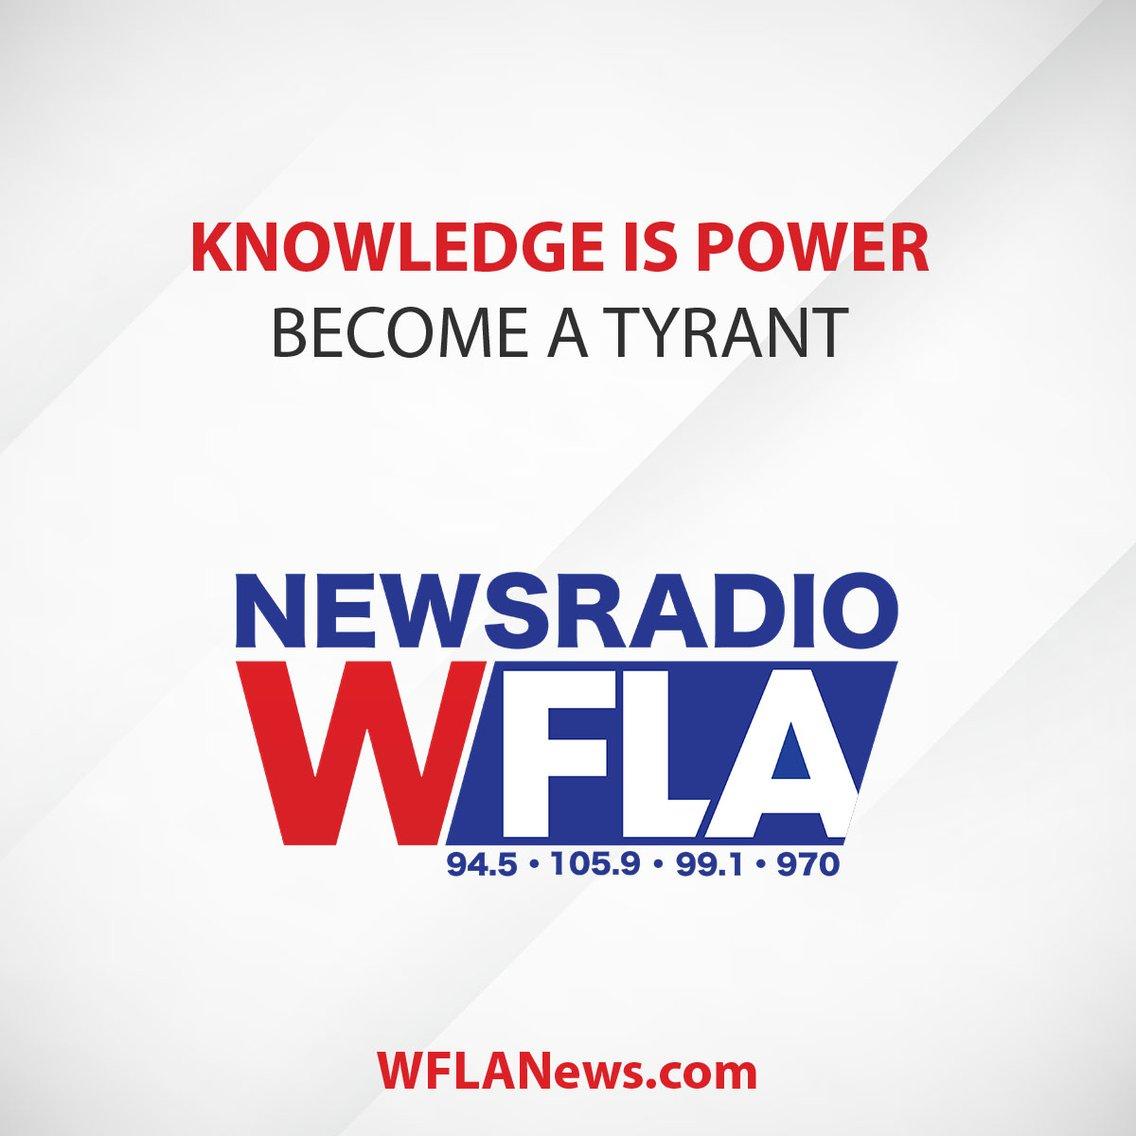 Beyond the News WFLA Interviews - imagen de portada